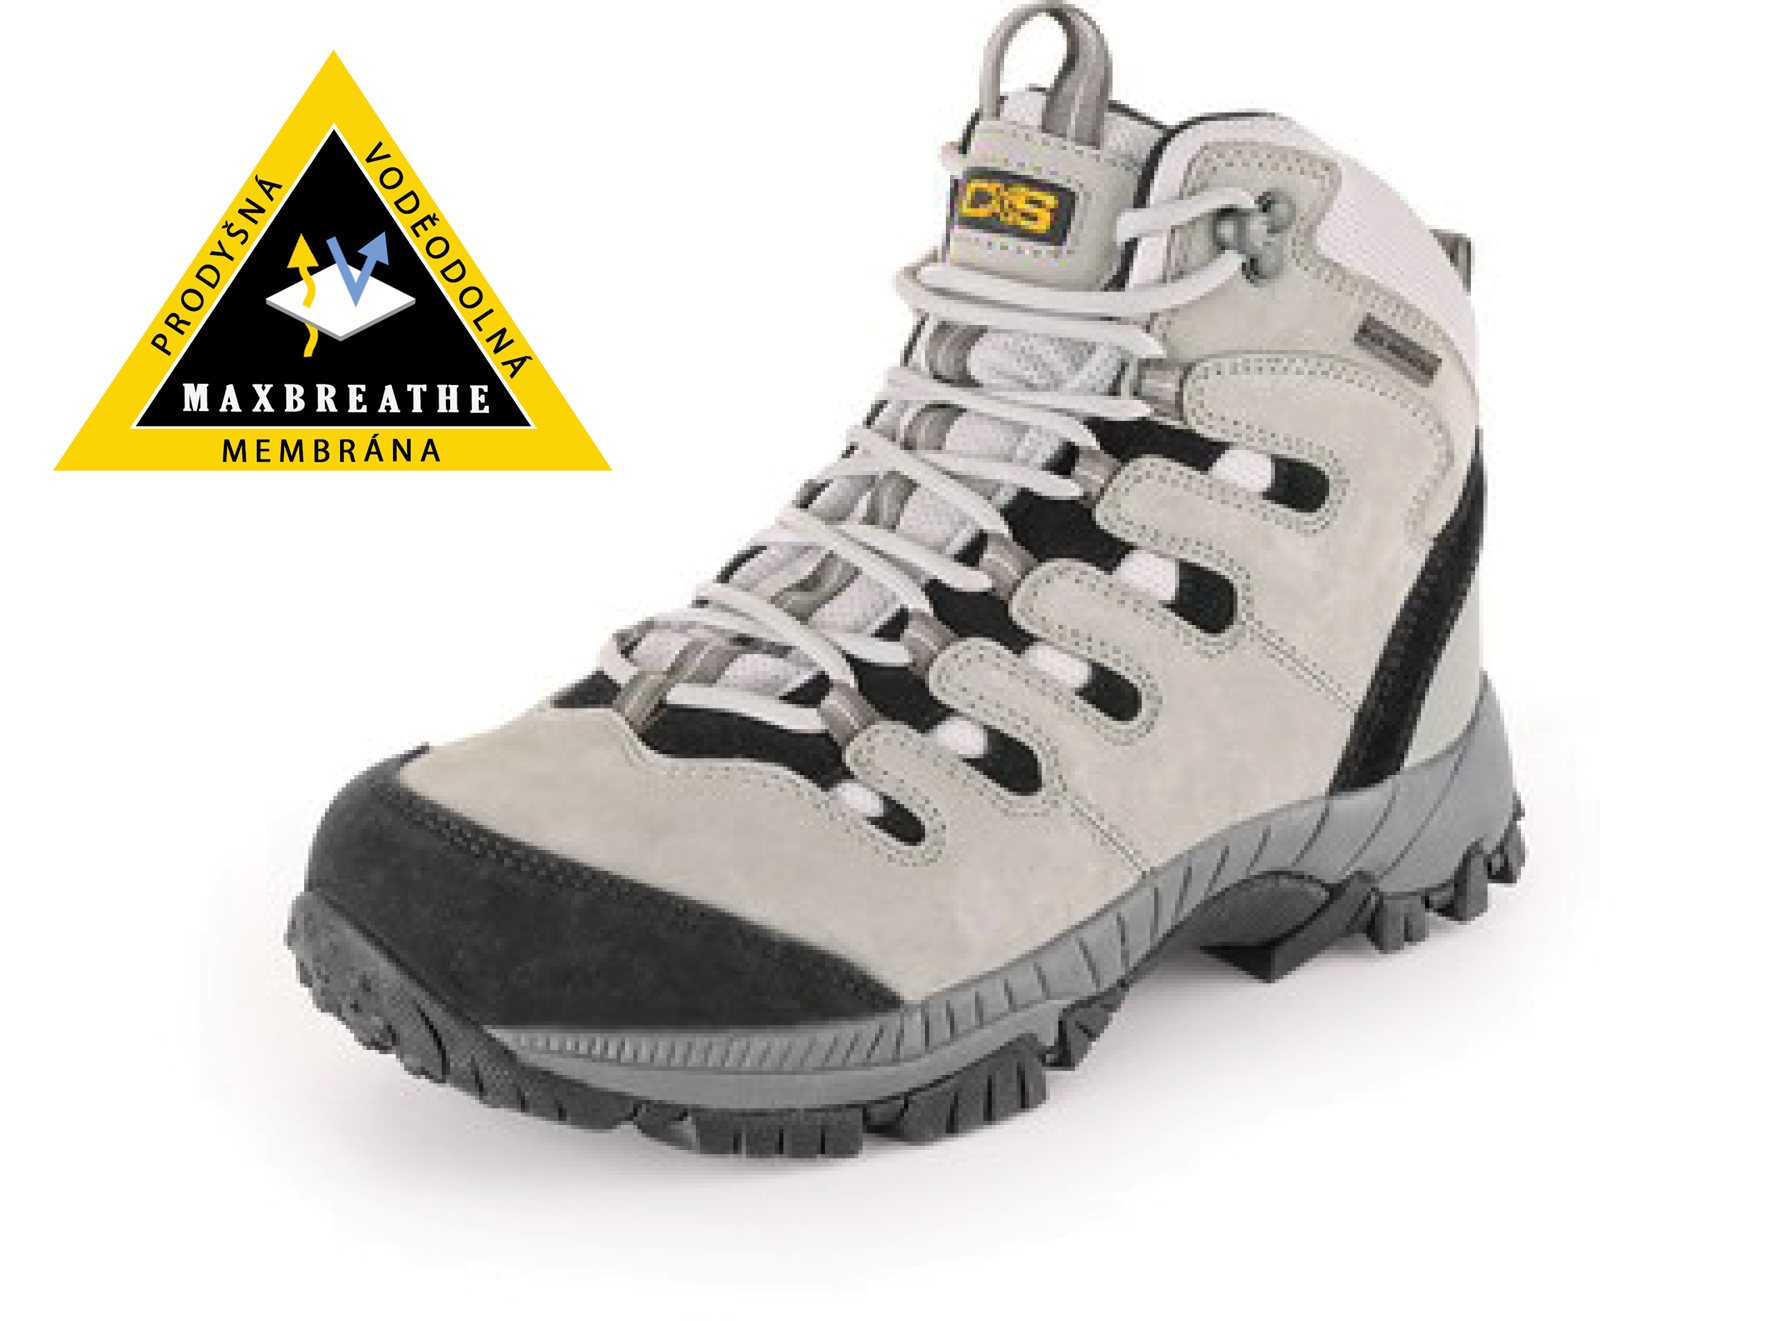 Kotníková treková obuv GOTEX MOUNT MCKINLEY, černo-šedá - 27480_2210 016 710 00 MOUNT MCKINLEY